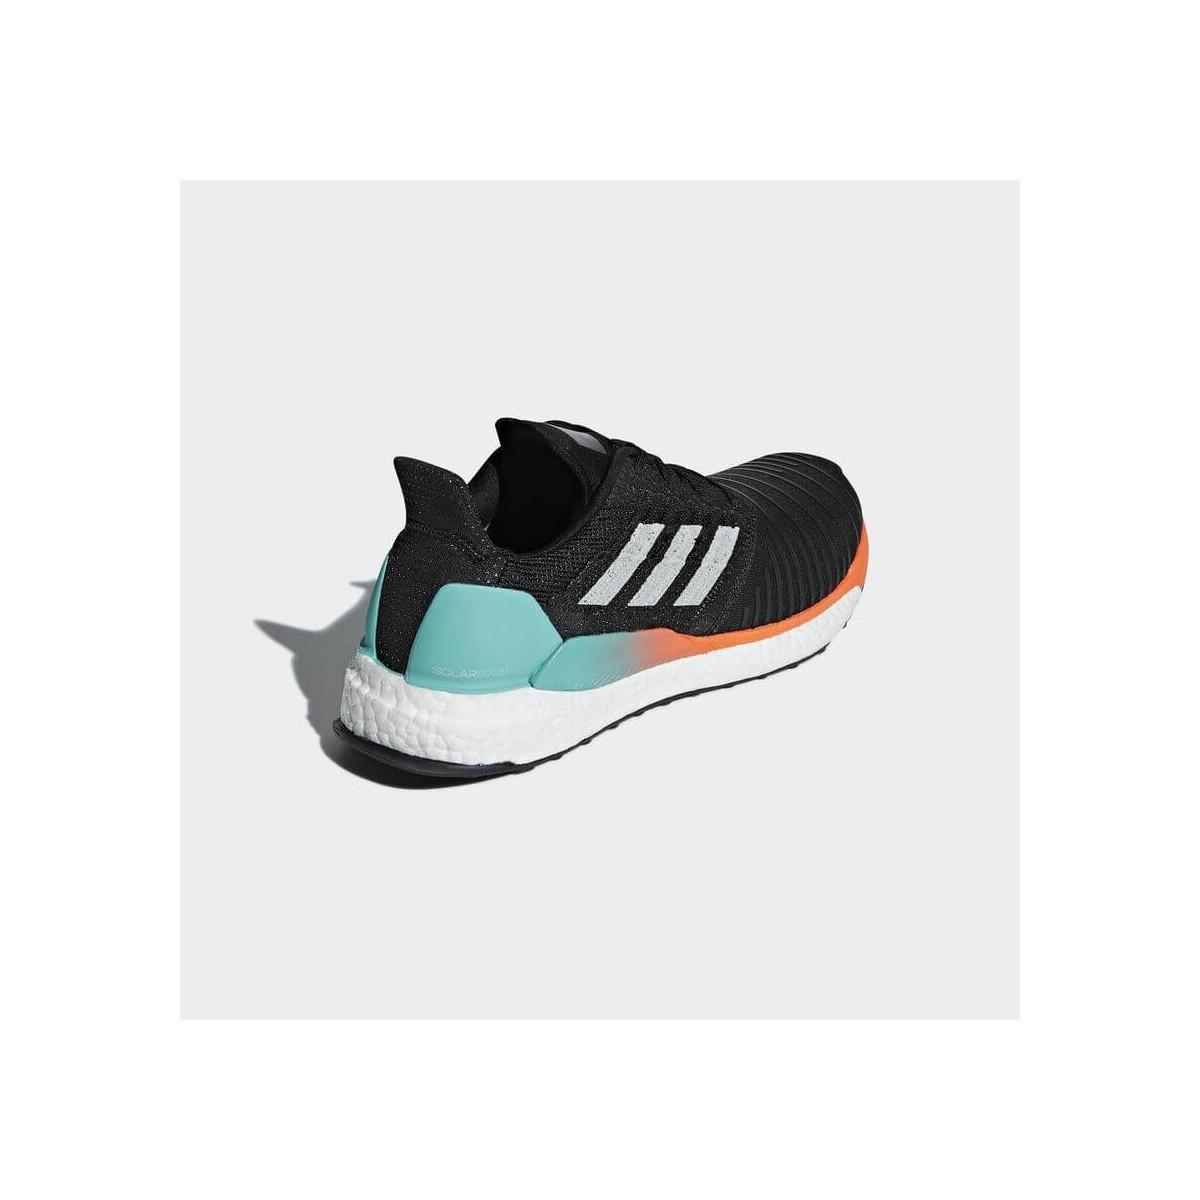 1932894a964 Nuevas Zapatillas Adidas Solar Boost OI18 Hombre - 365Rider